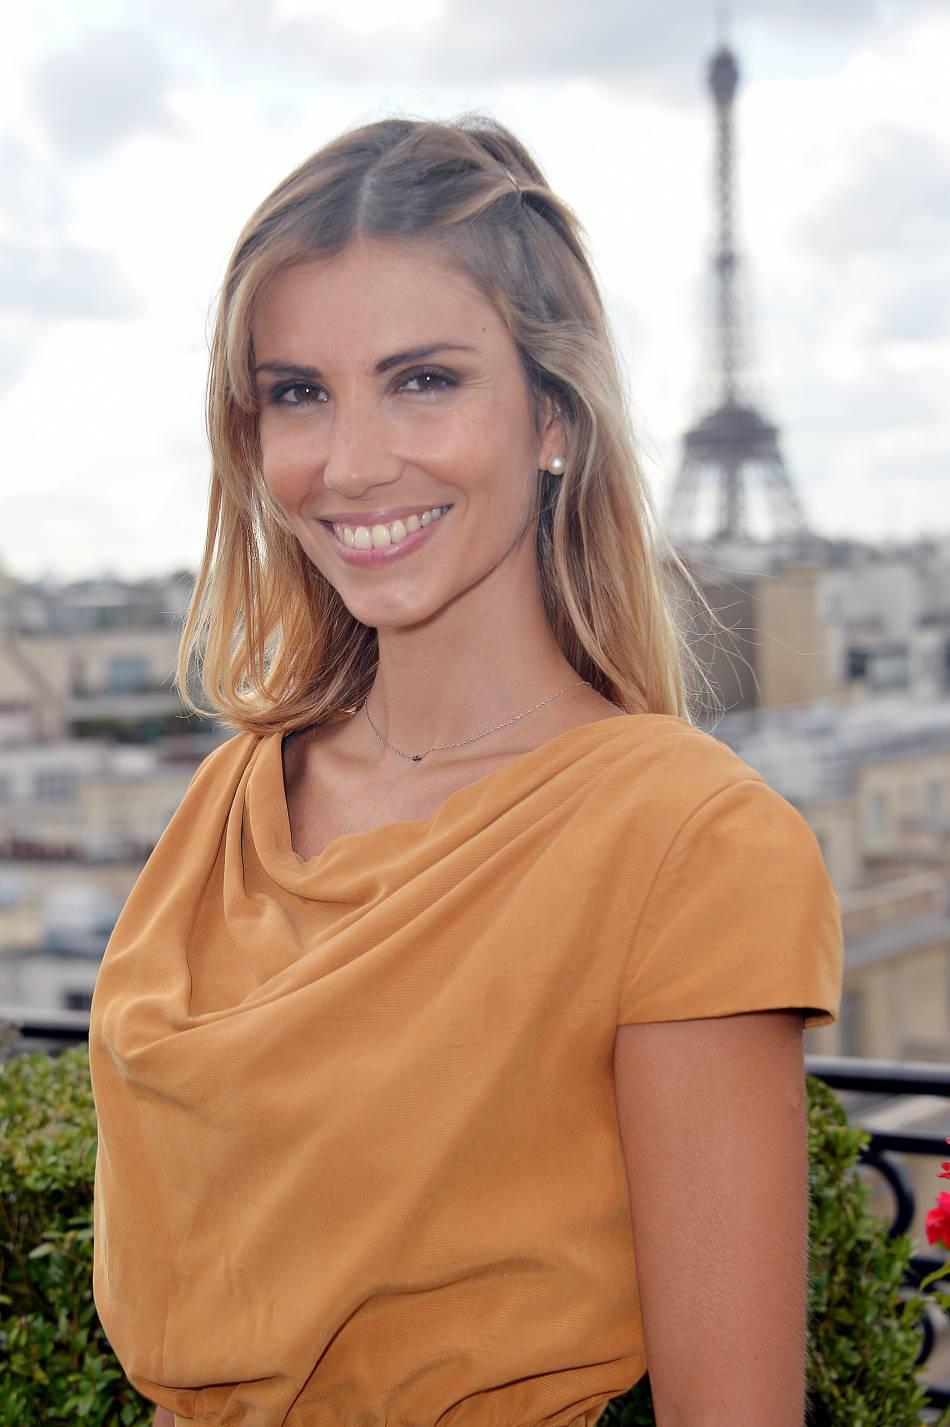 Alexandra Rosenfeld a partagé un cliché d'elle dans les bras de son beau brun.